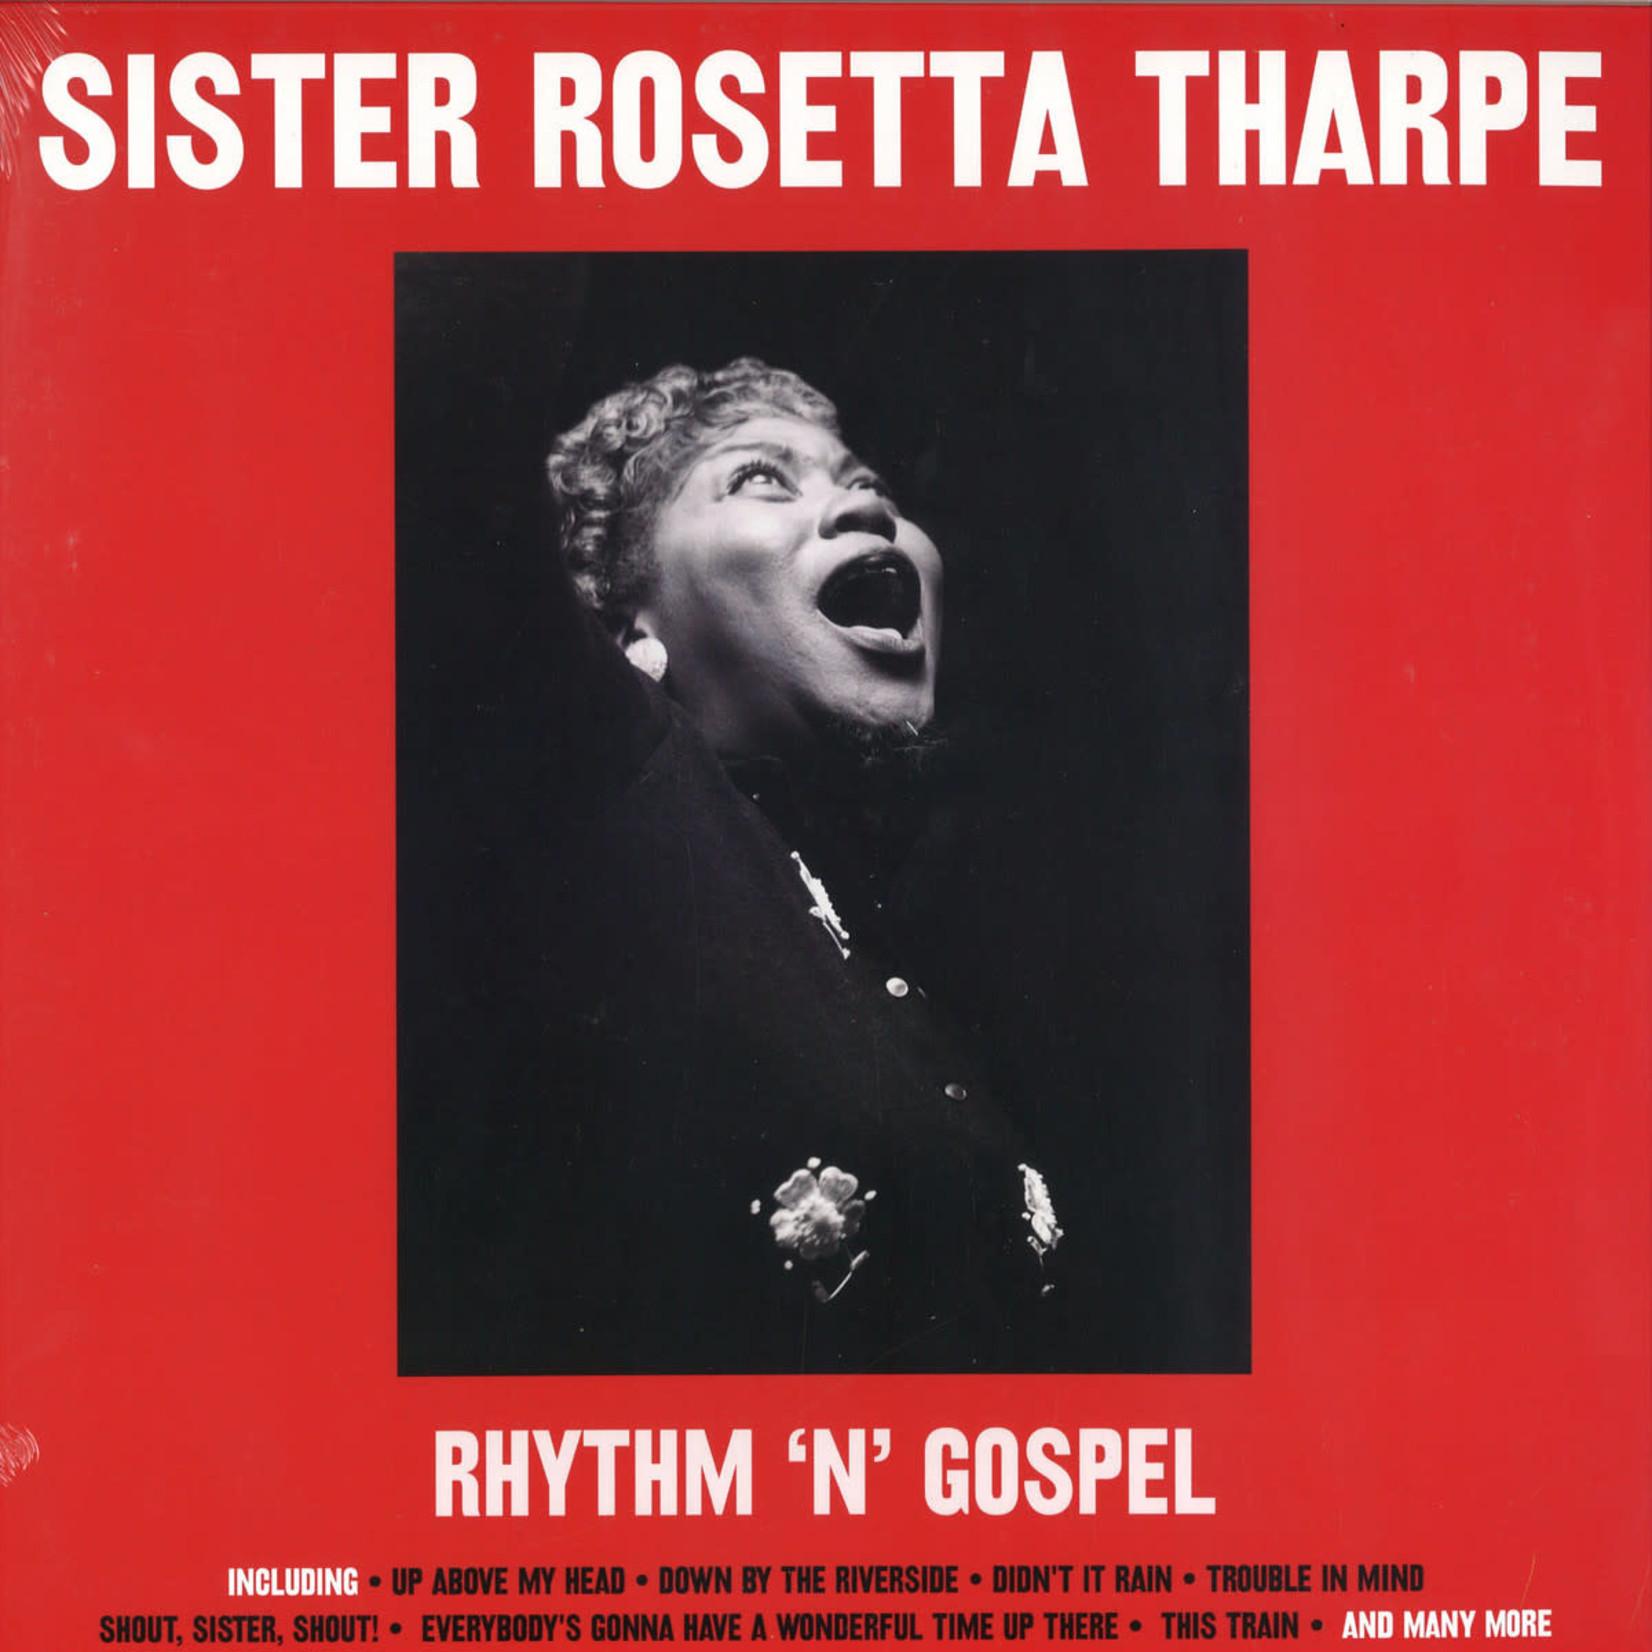 [New] Tharpe, Sister Rosetta: Rhythm 'N' Gospel